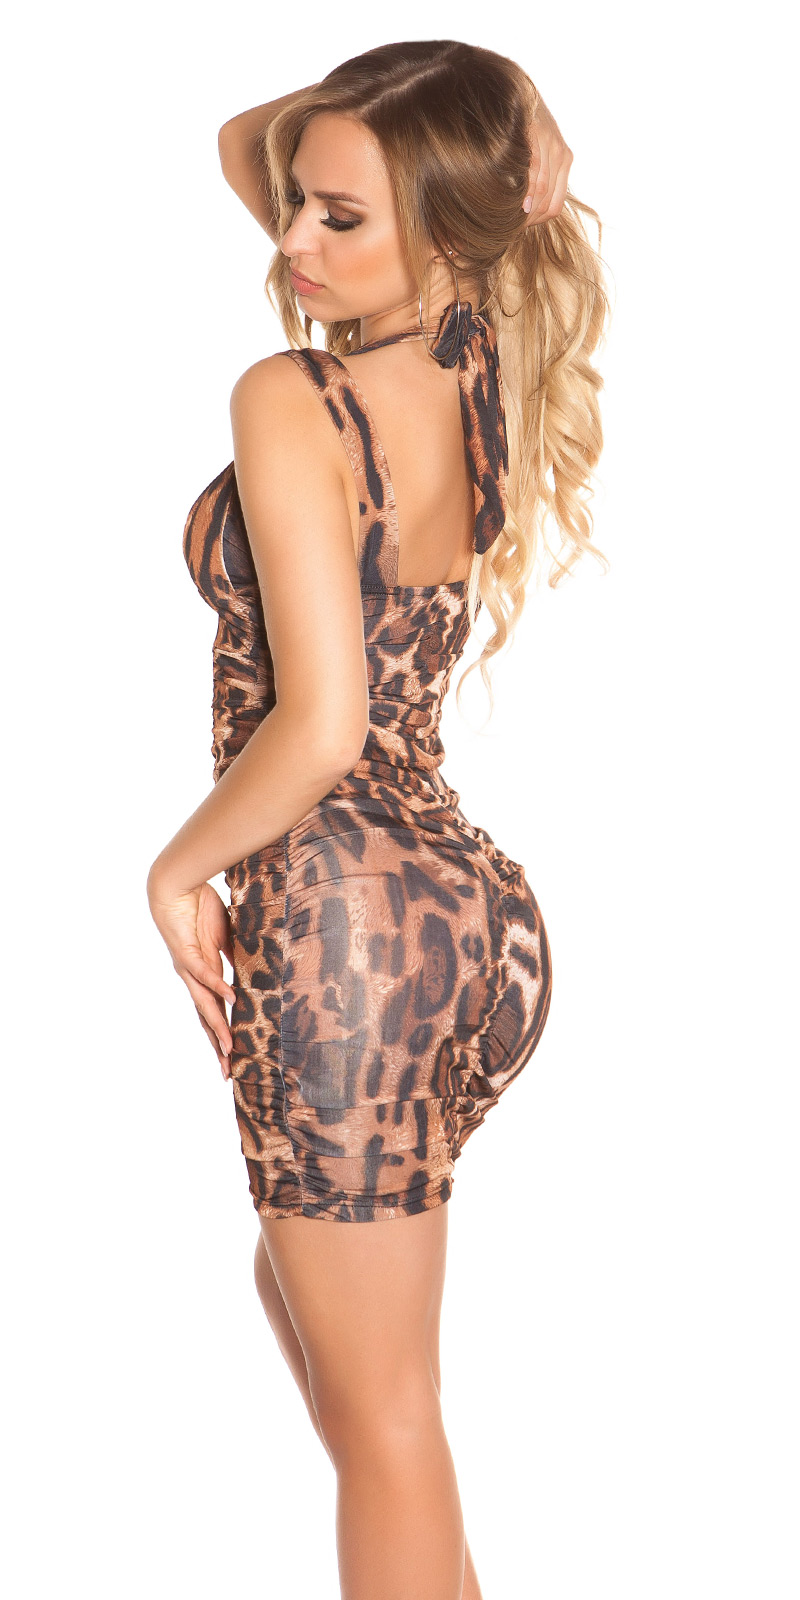 Rochie mini Sexy cu bretele la gat, cu incretituri